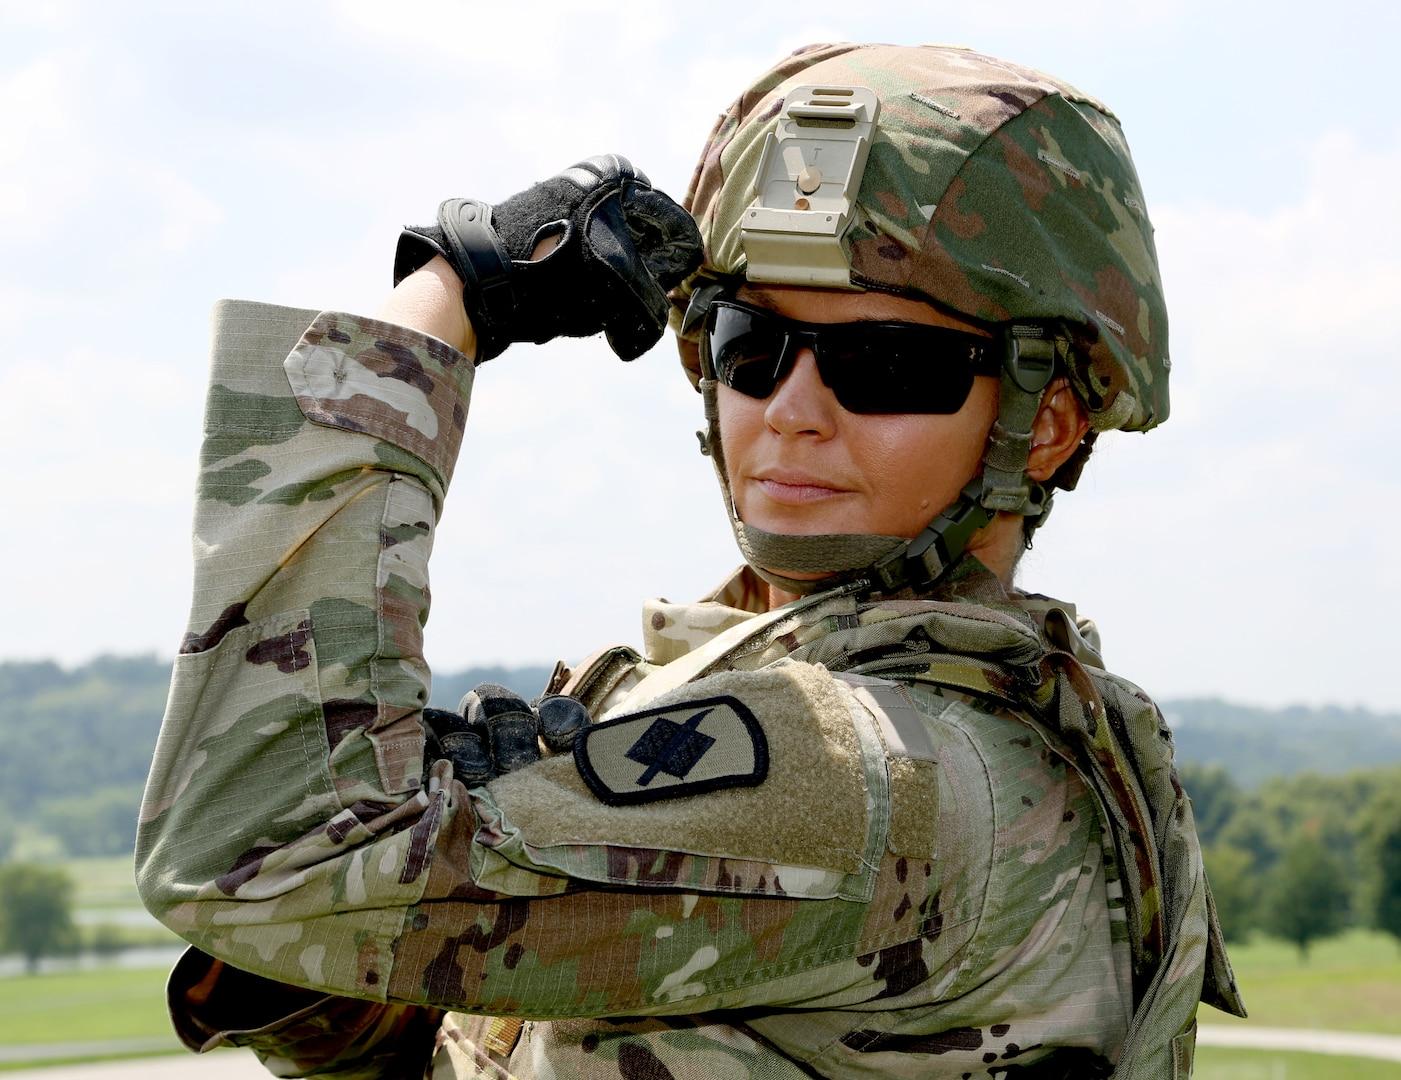 CPT Bruner flexing in uniform.